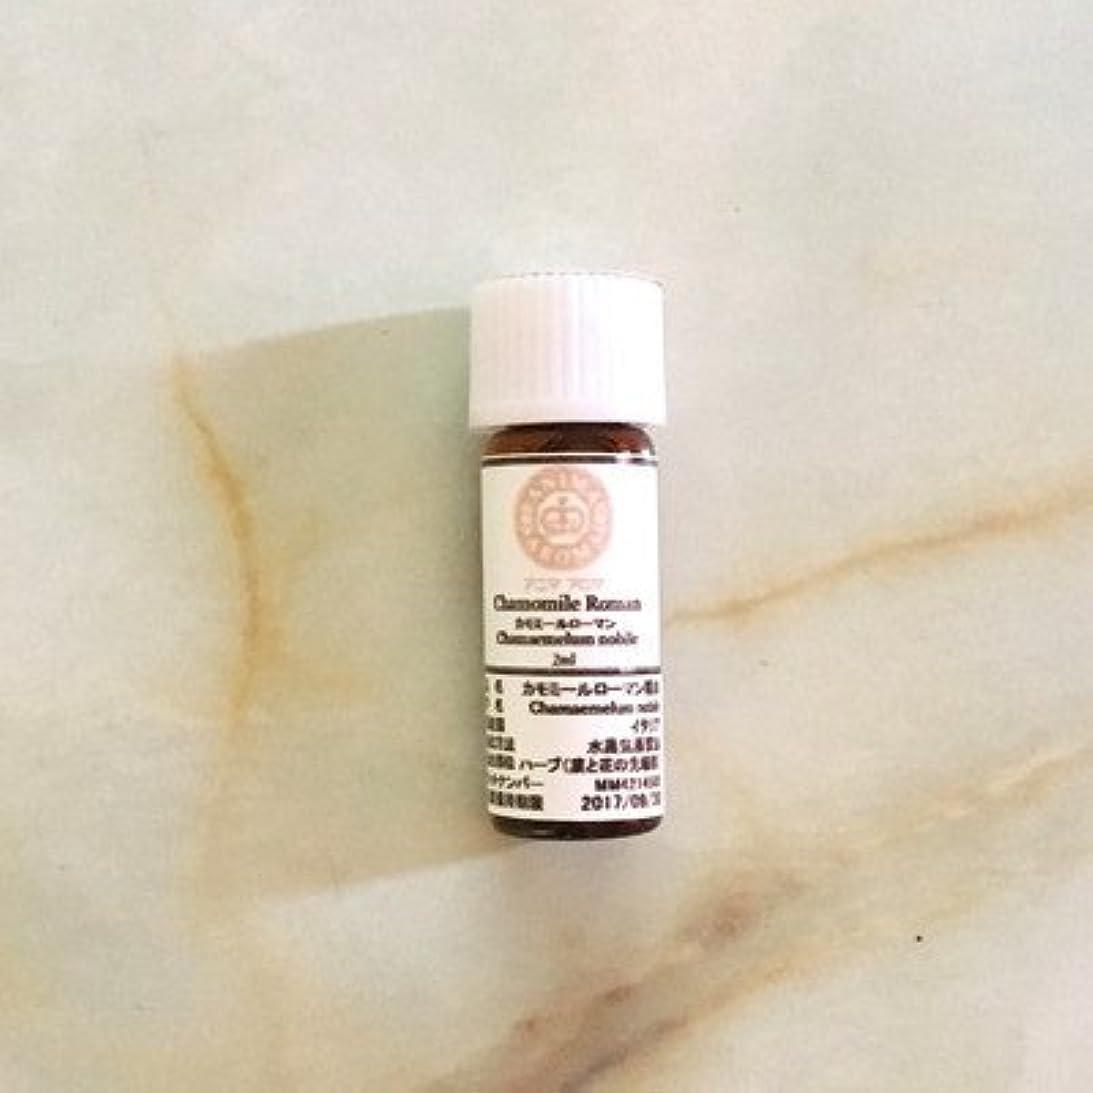 案件有効なテレックスカモミールローマン精油 2ml アニマ アロマ|エッセンシャルオイル